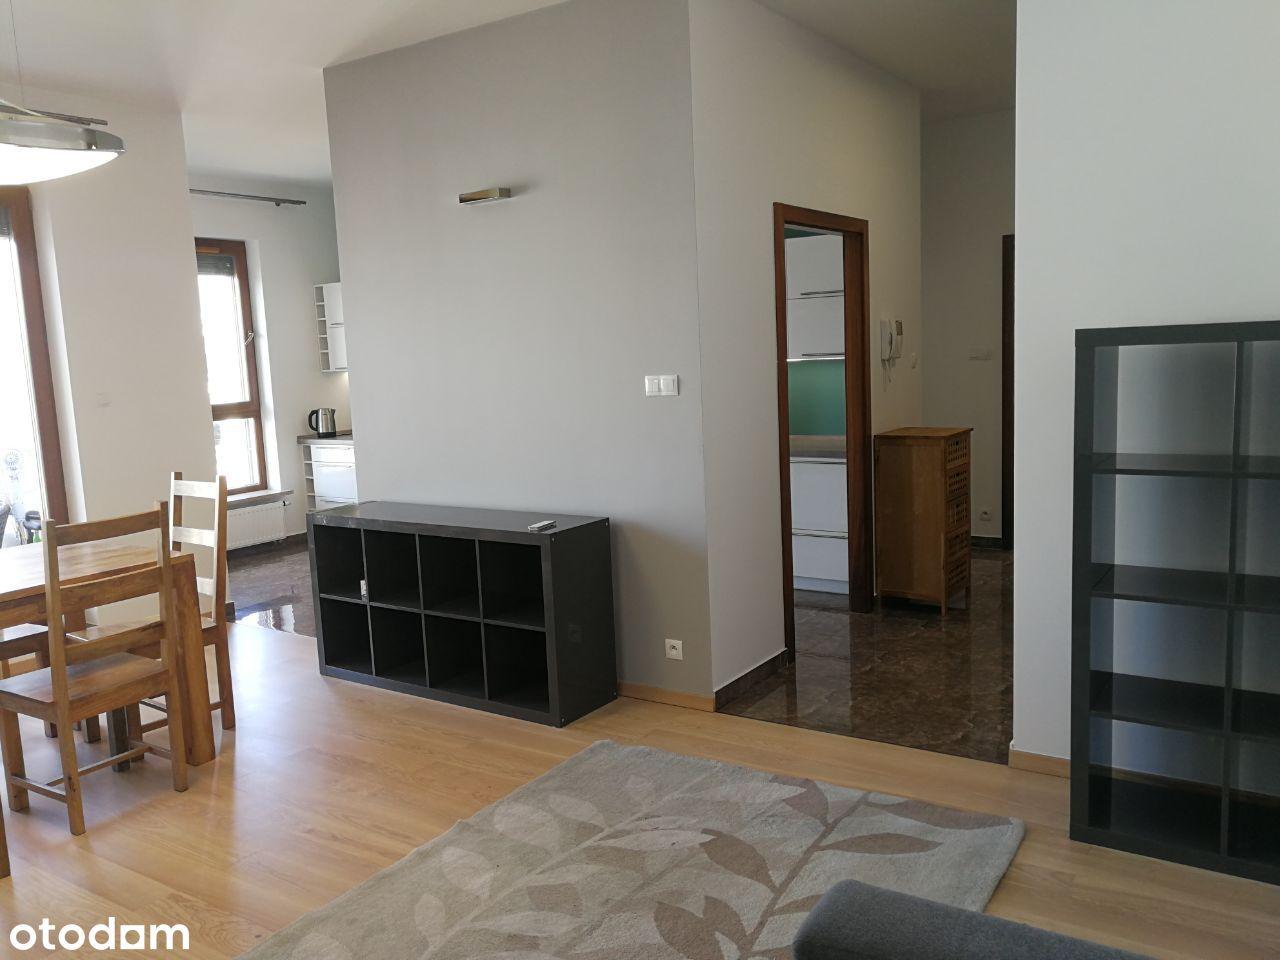 Mieszkanie 2-pokojowe, 63 m2, Warszawa Rydygiera